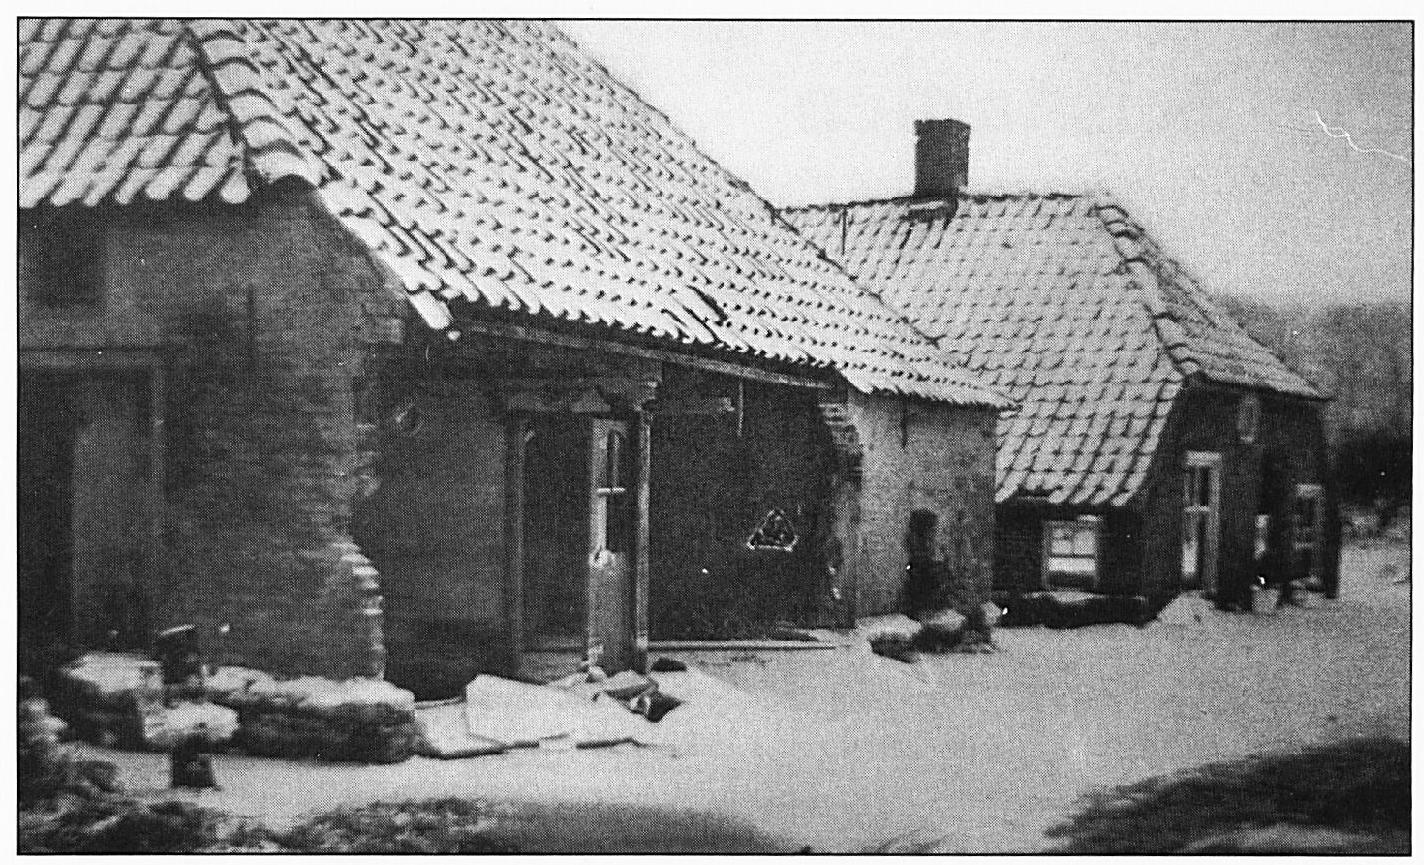 Veel oude huizen werden vernield door ronddrijvende boomstammen van de klompen makerijen.